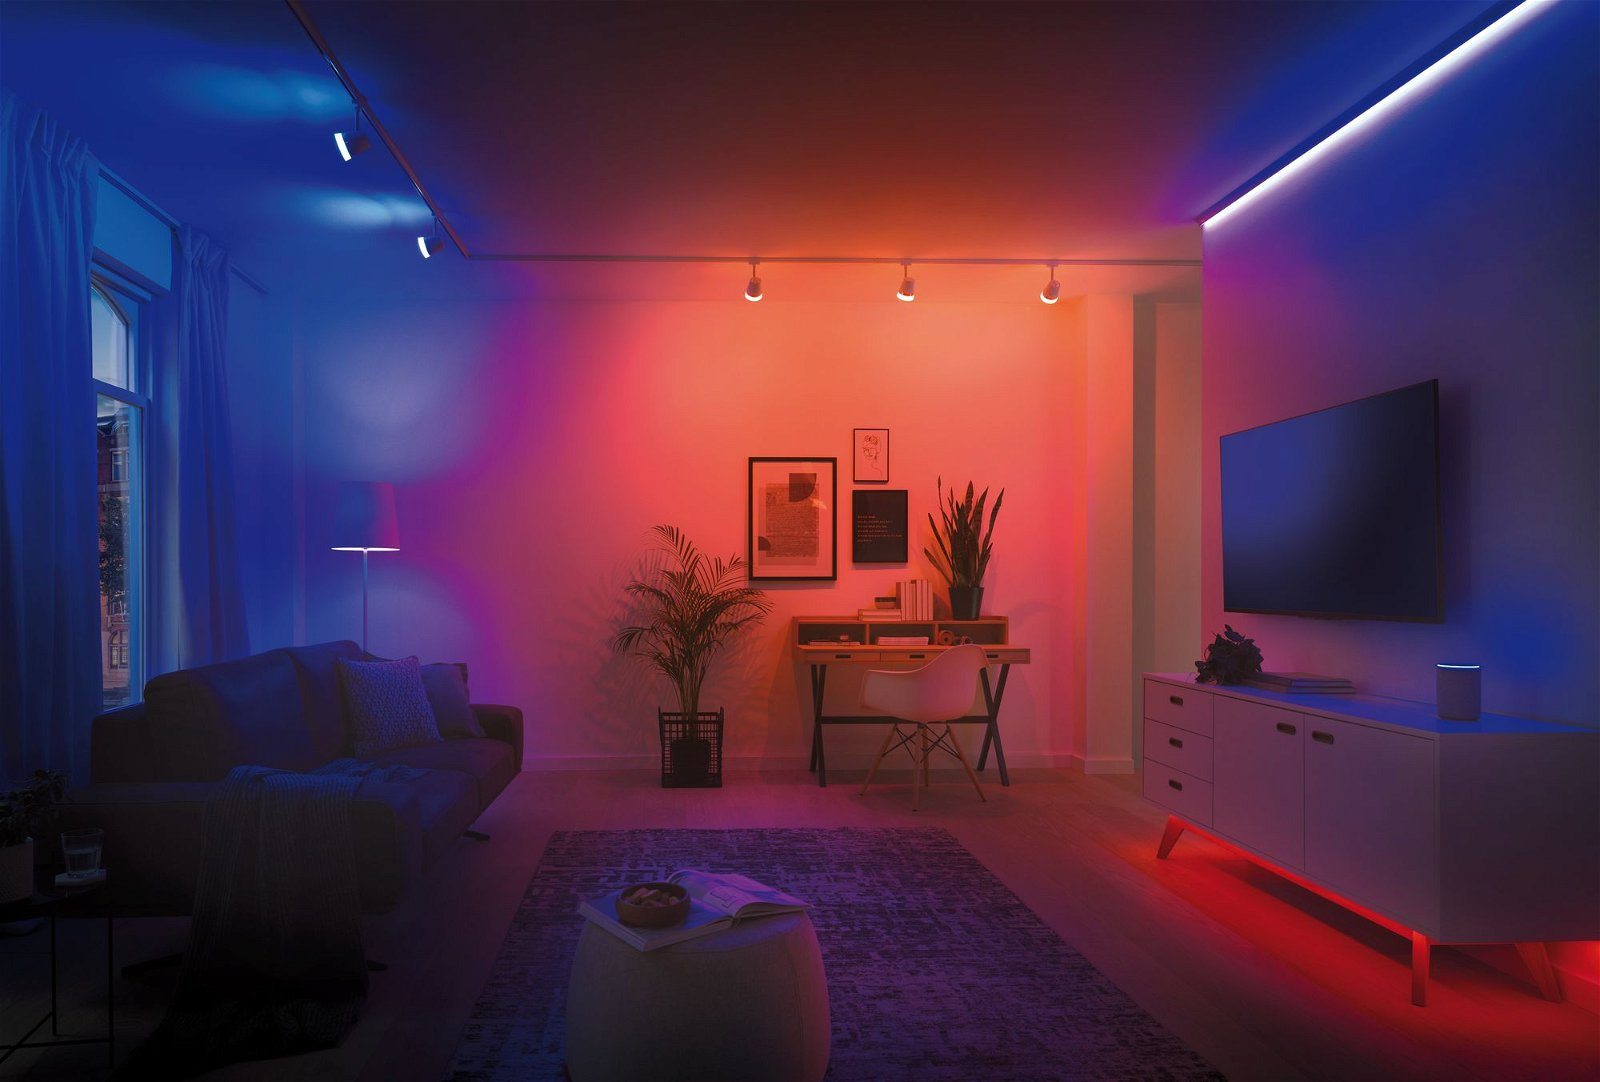 Flaex LED Strip RGB 5m beschichtet 18W 536lm RGB 24VA